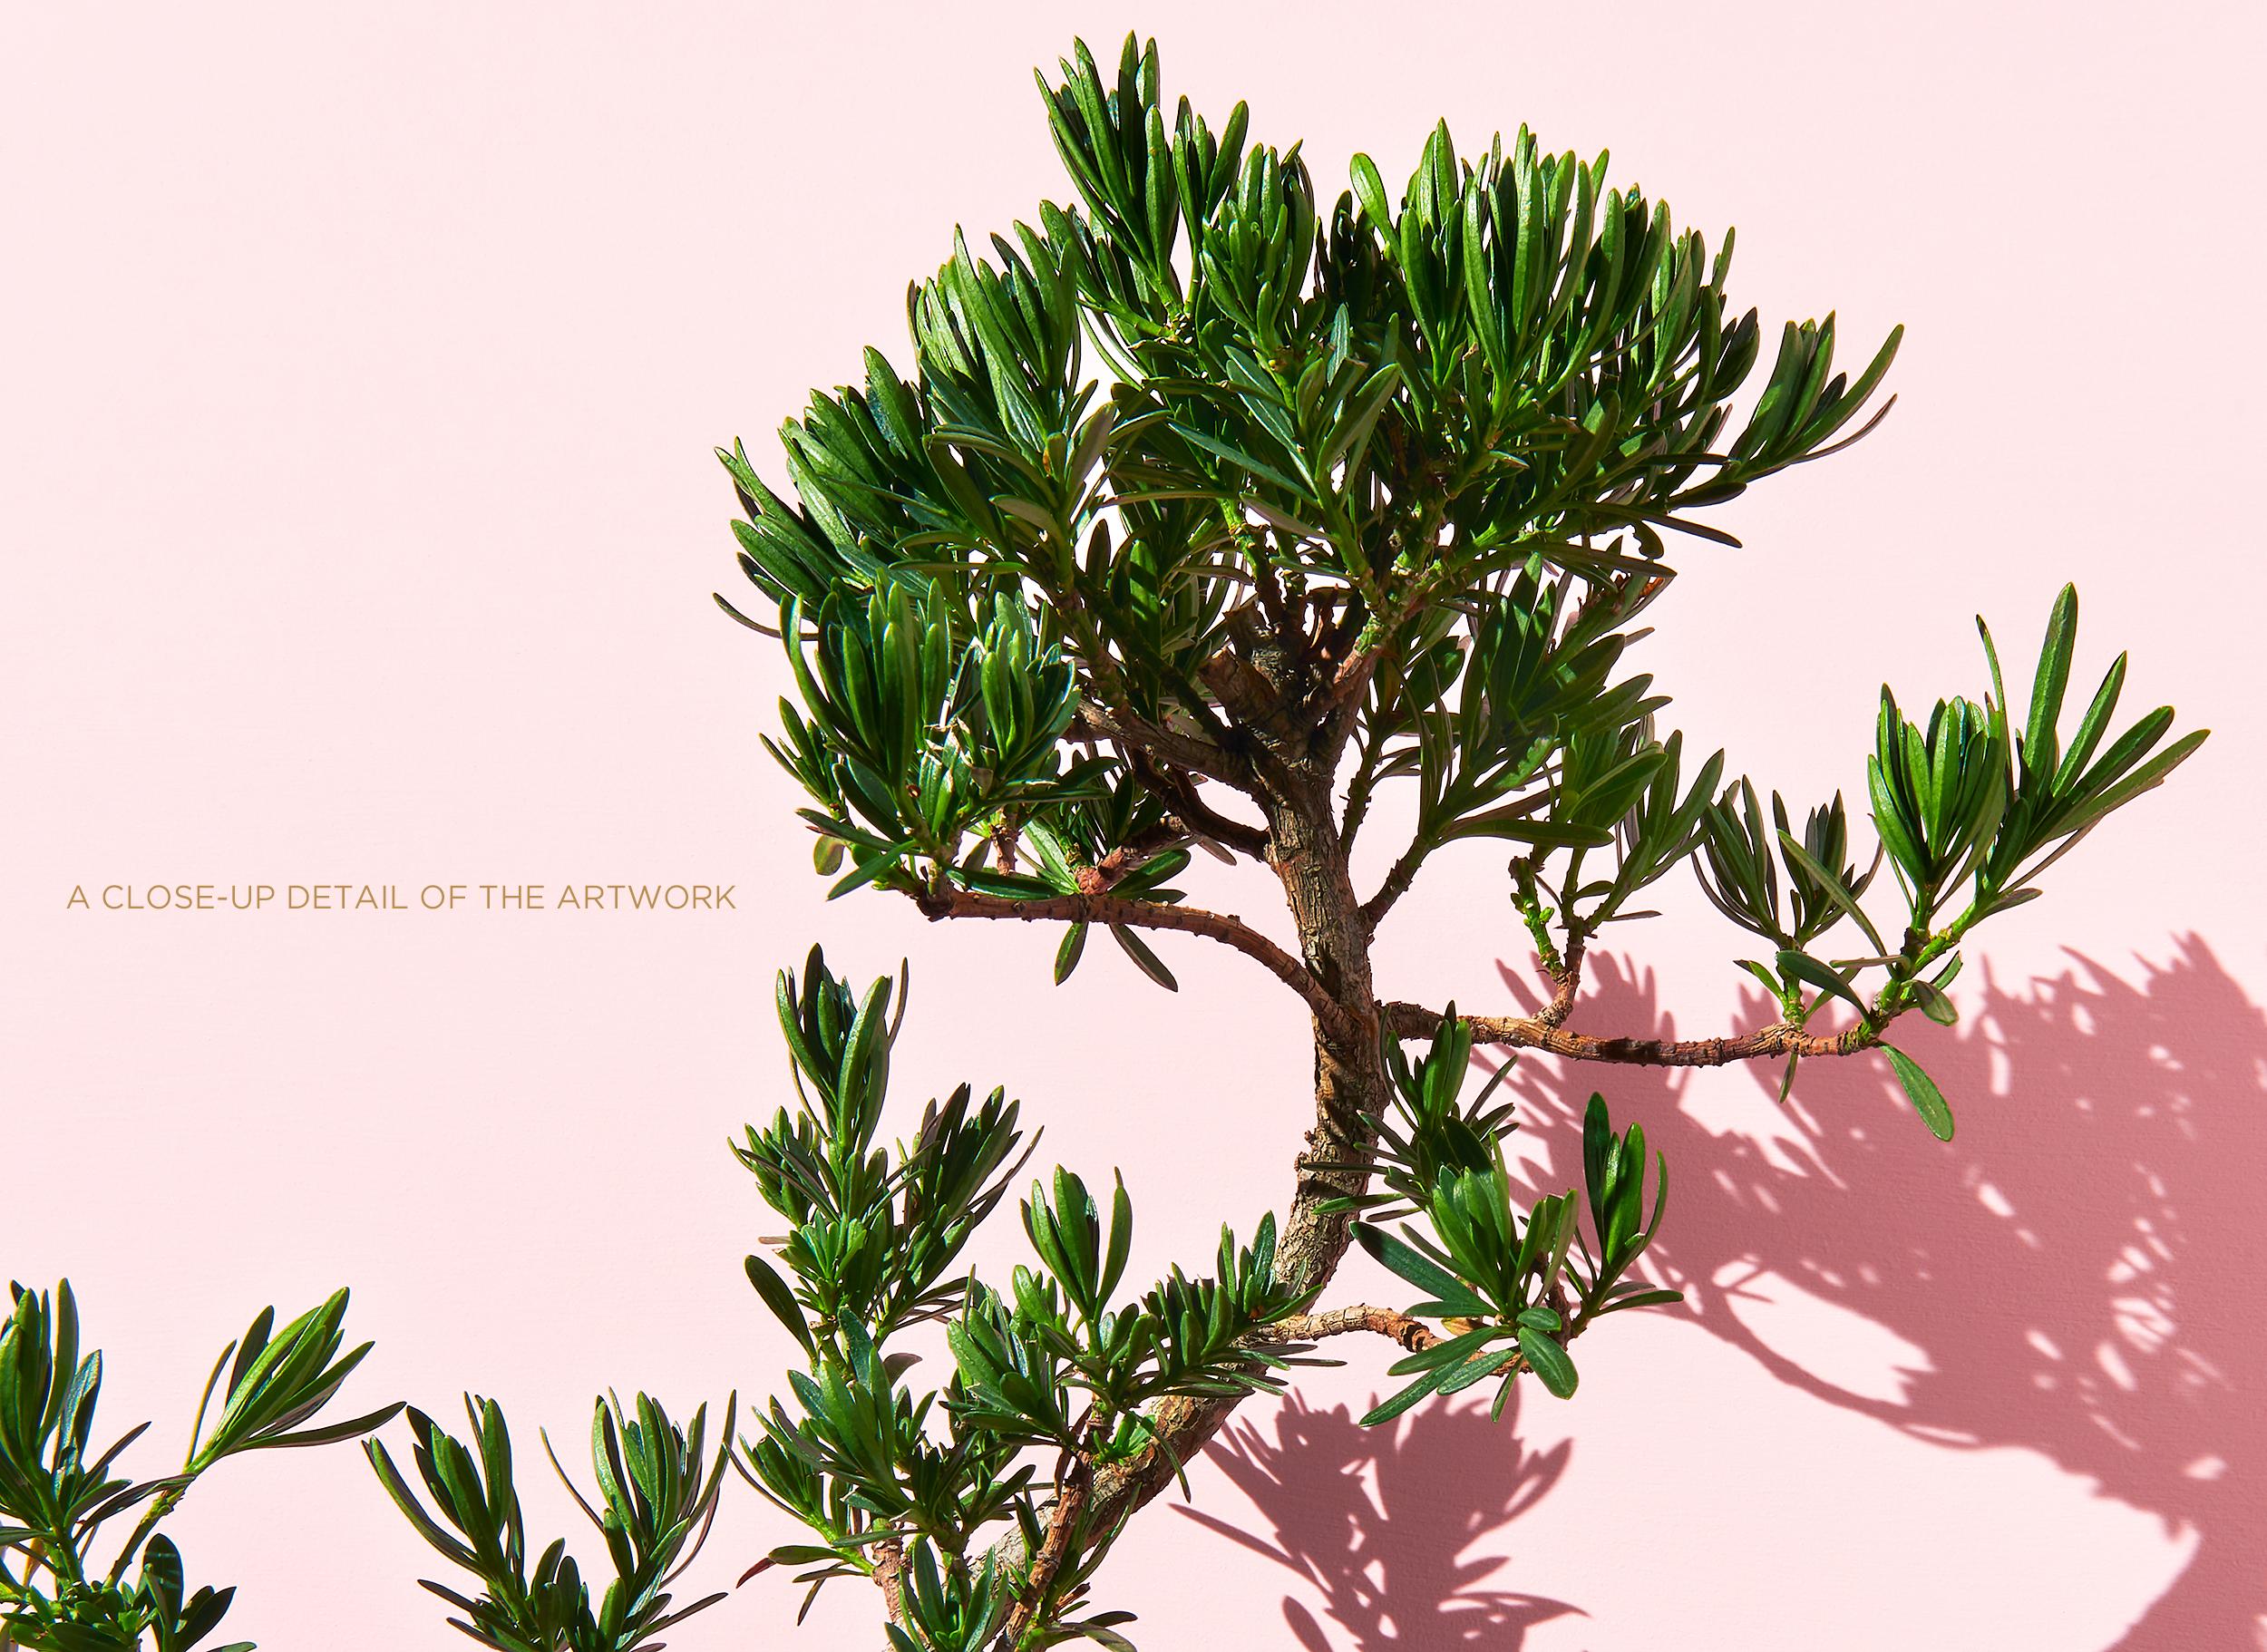 """<a href=""""https://mrsteel.london/shop/bonsai-on-pink-iii/"""">REVEAL DETAILS / BUY</a>"""